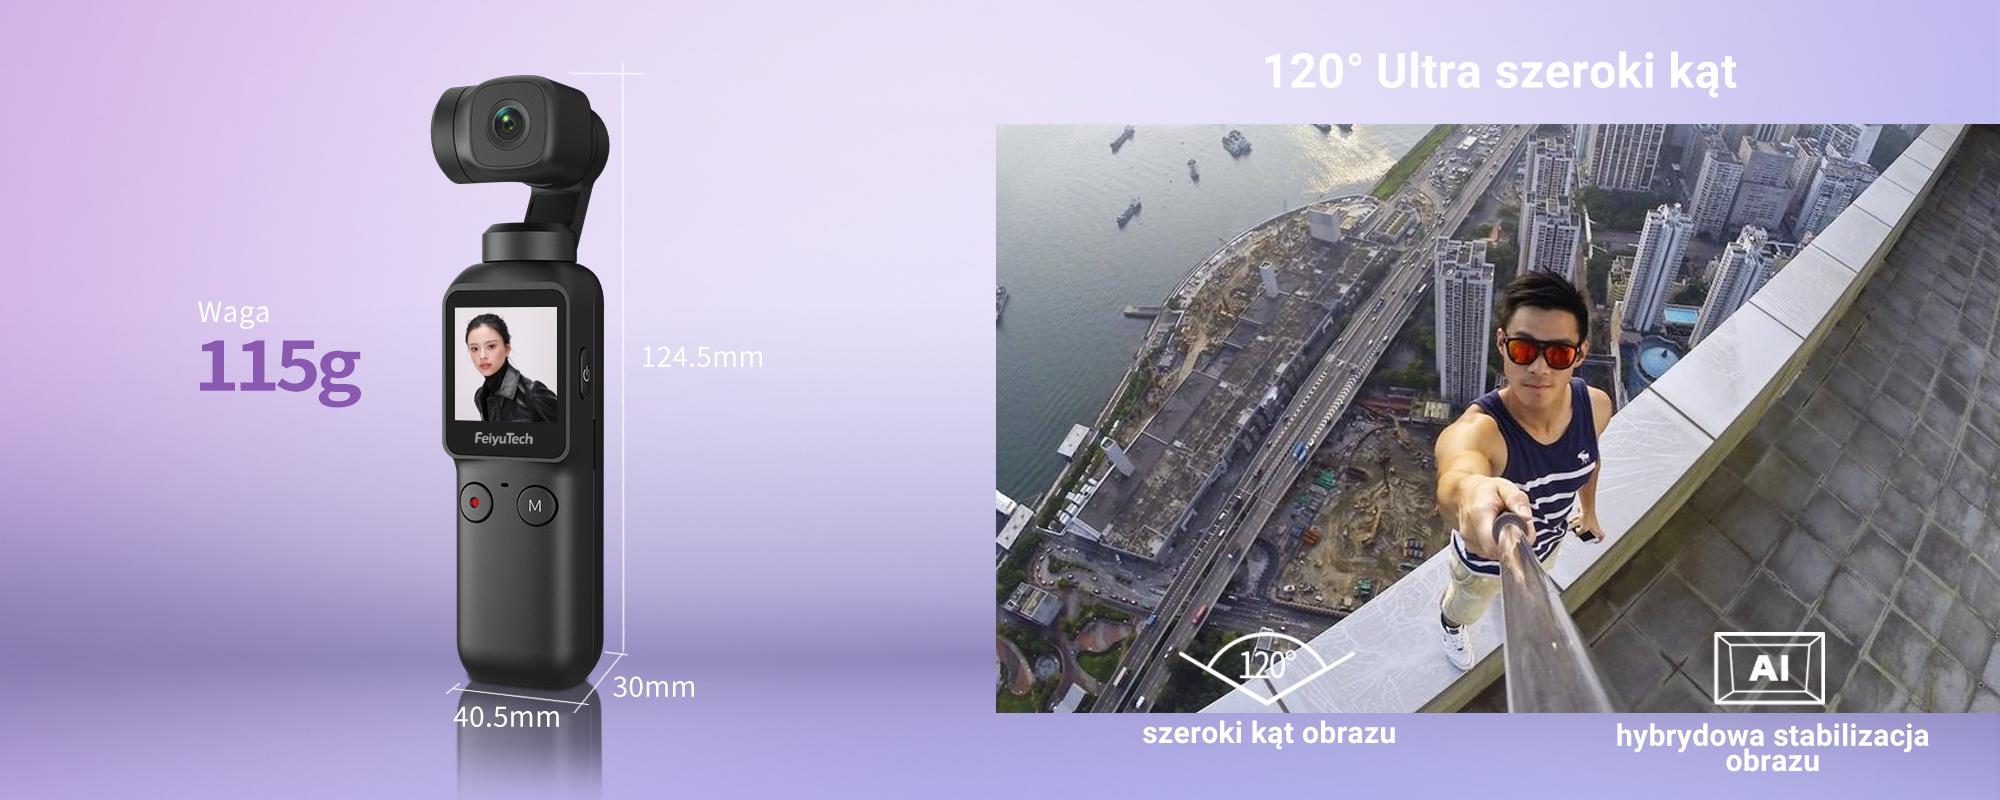 Grafika pokazująca wymiary kamery i obraz szerokokątny